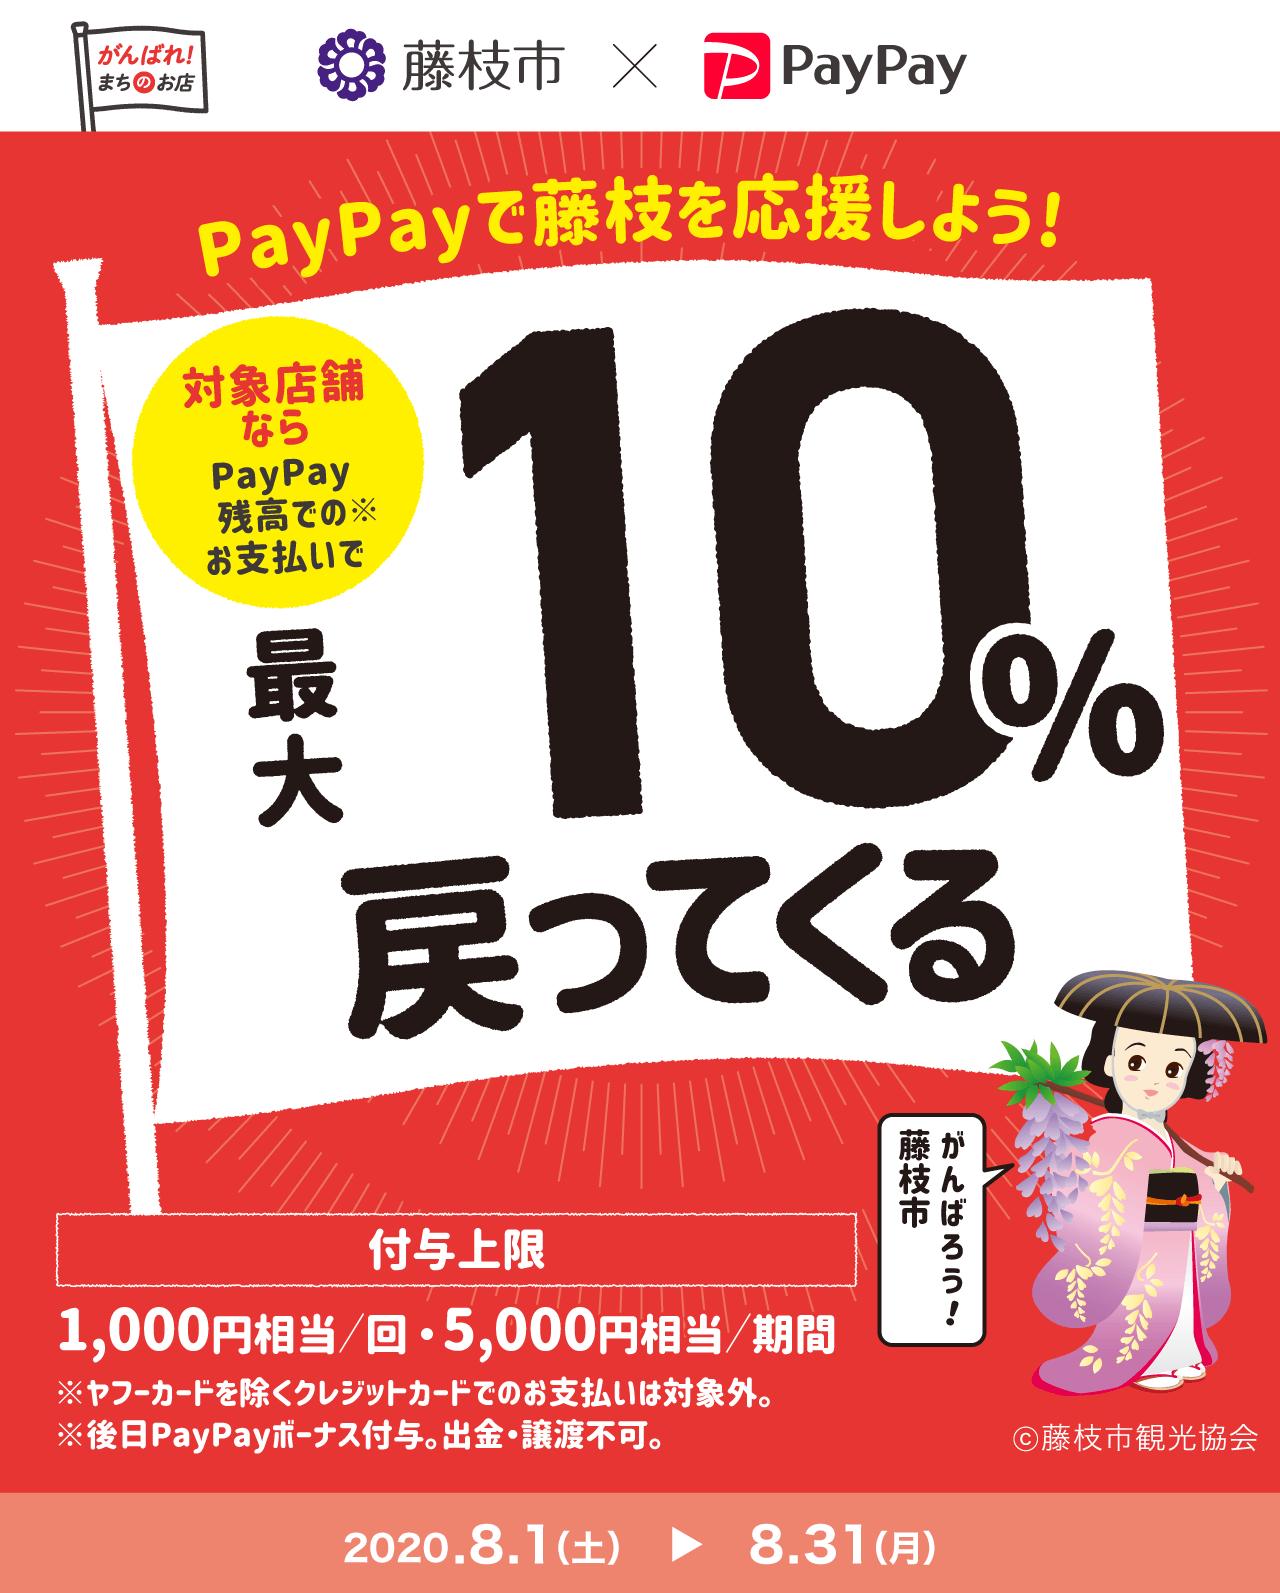 PayPayで藤枝を応援しよう! 対象店舗ならPayPay残高でのお支払いで 最大10%戻ってくる